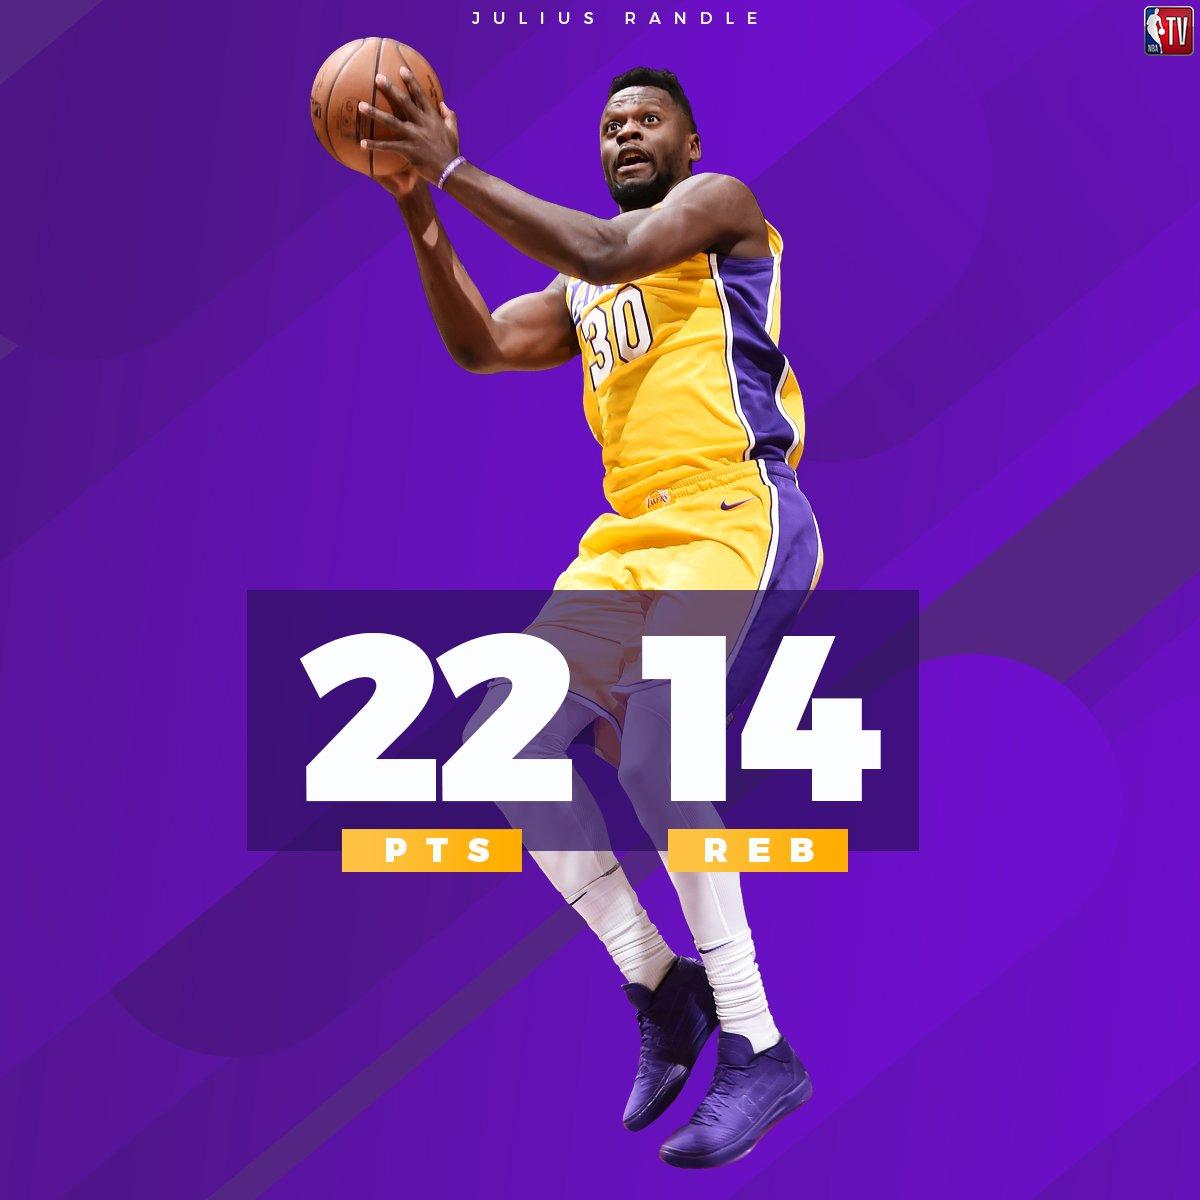 NBATV J30_RANDLE